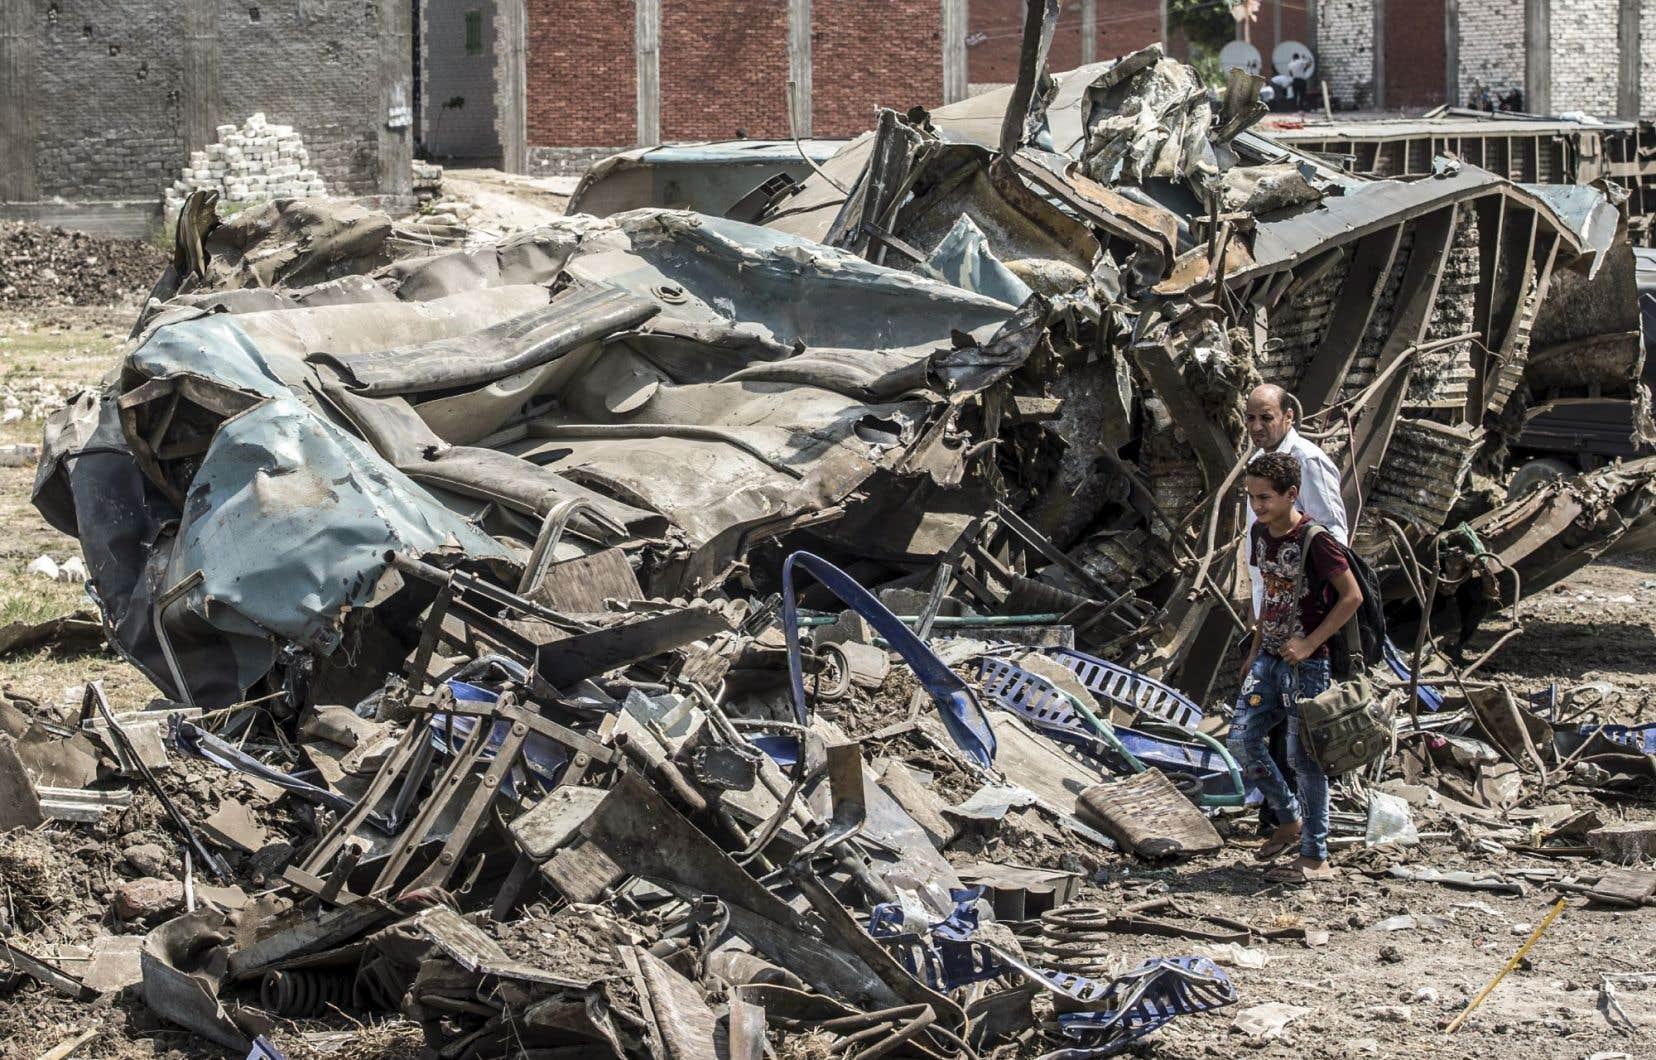 L'Égypte connaît régulièrement de graves accidents ferroviaires dus notamment à des voies ferrées mal entretenues.